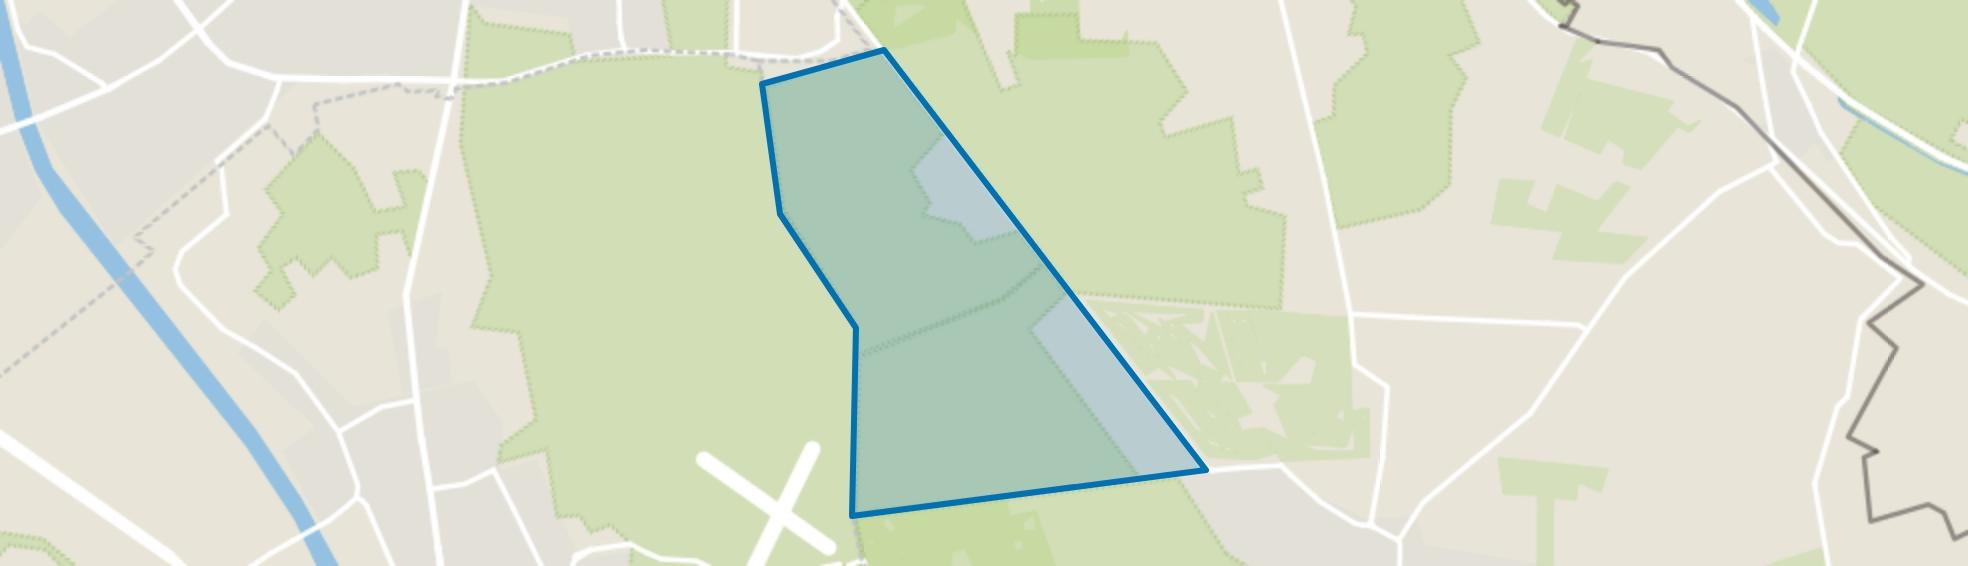 Buitengebied Groesbeek-Noord-West, Groesbeek map